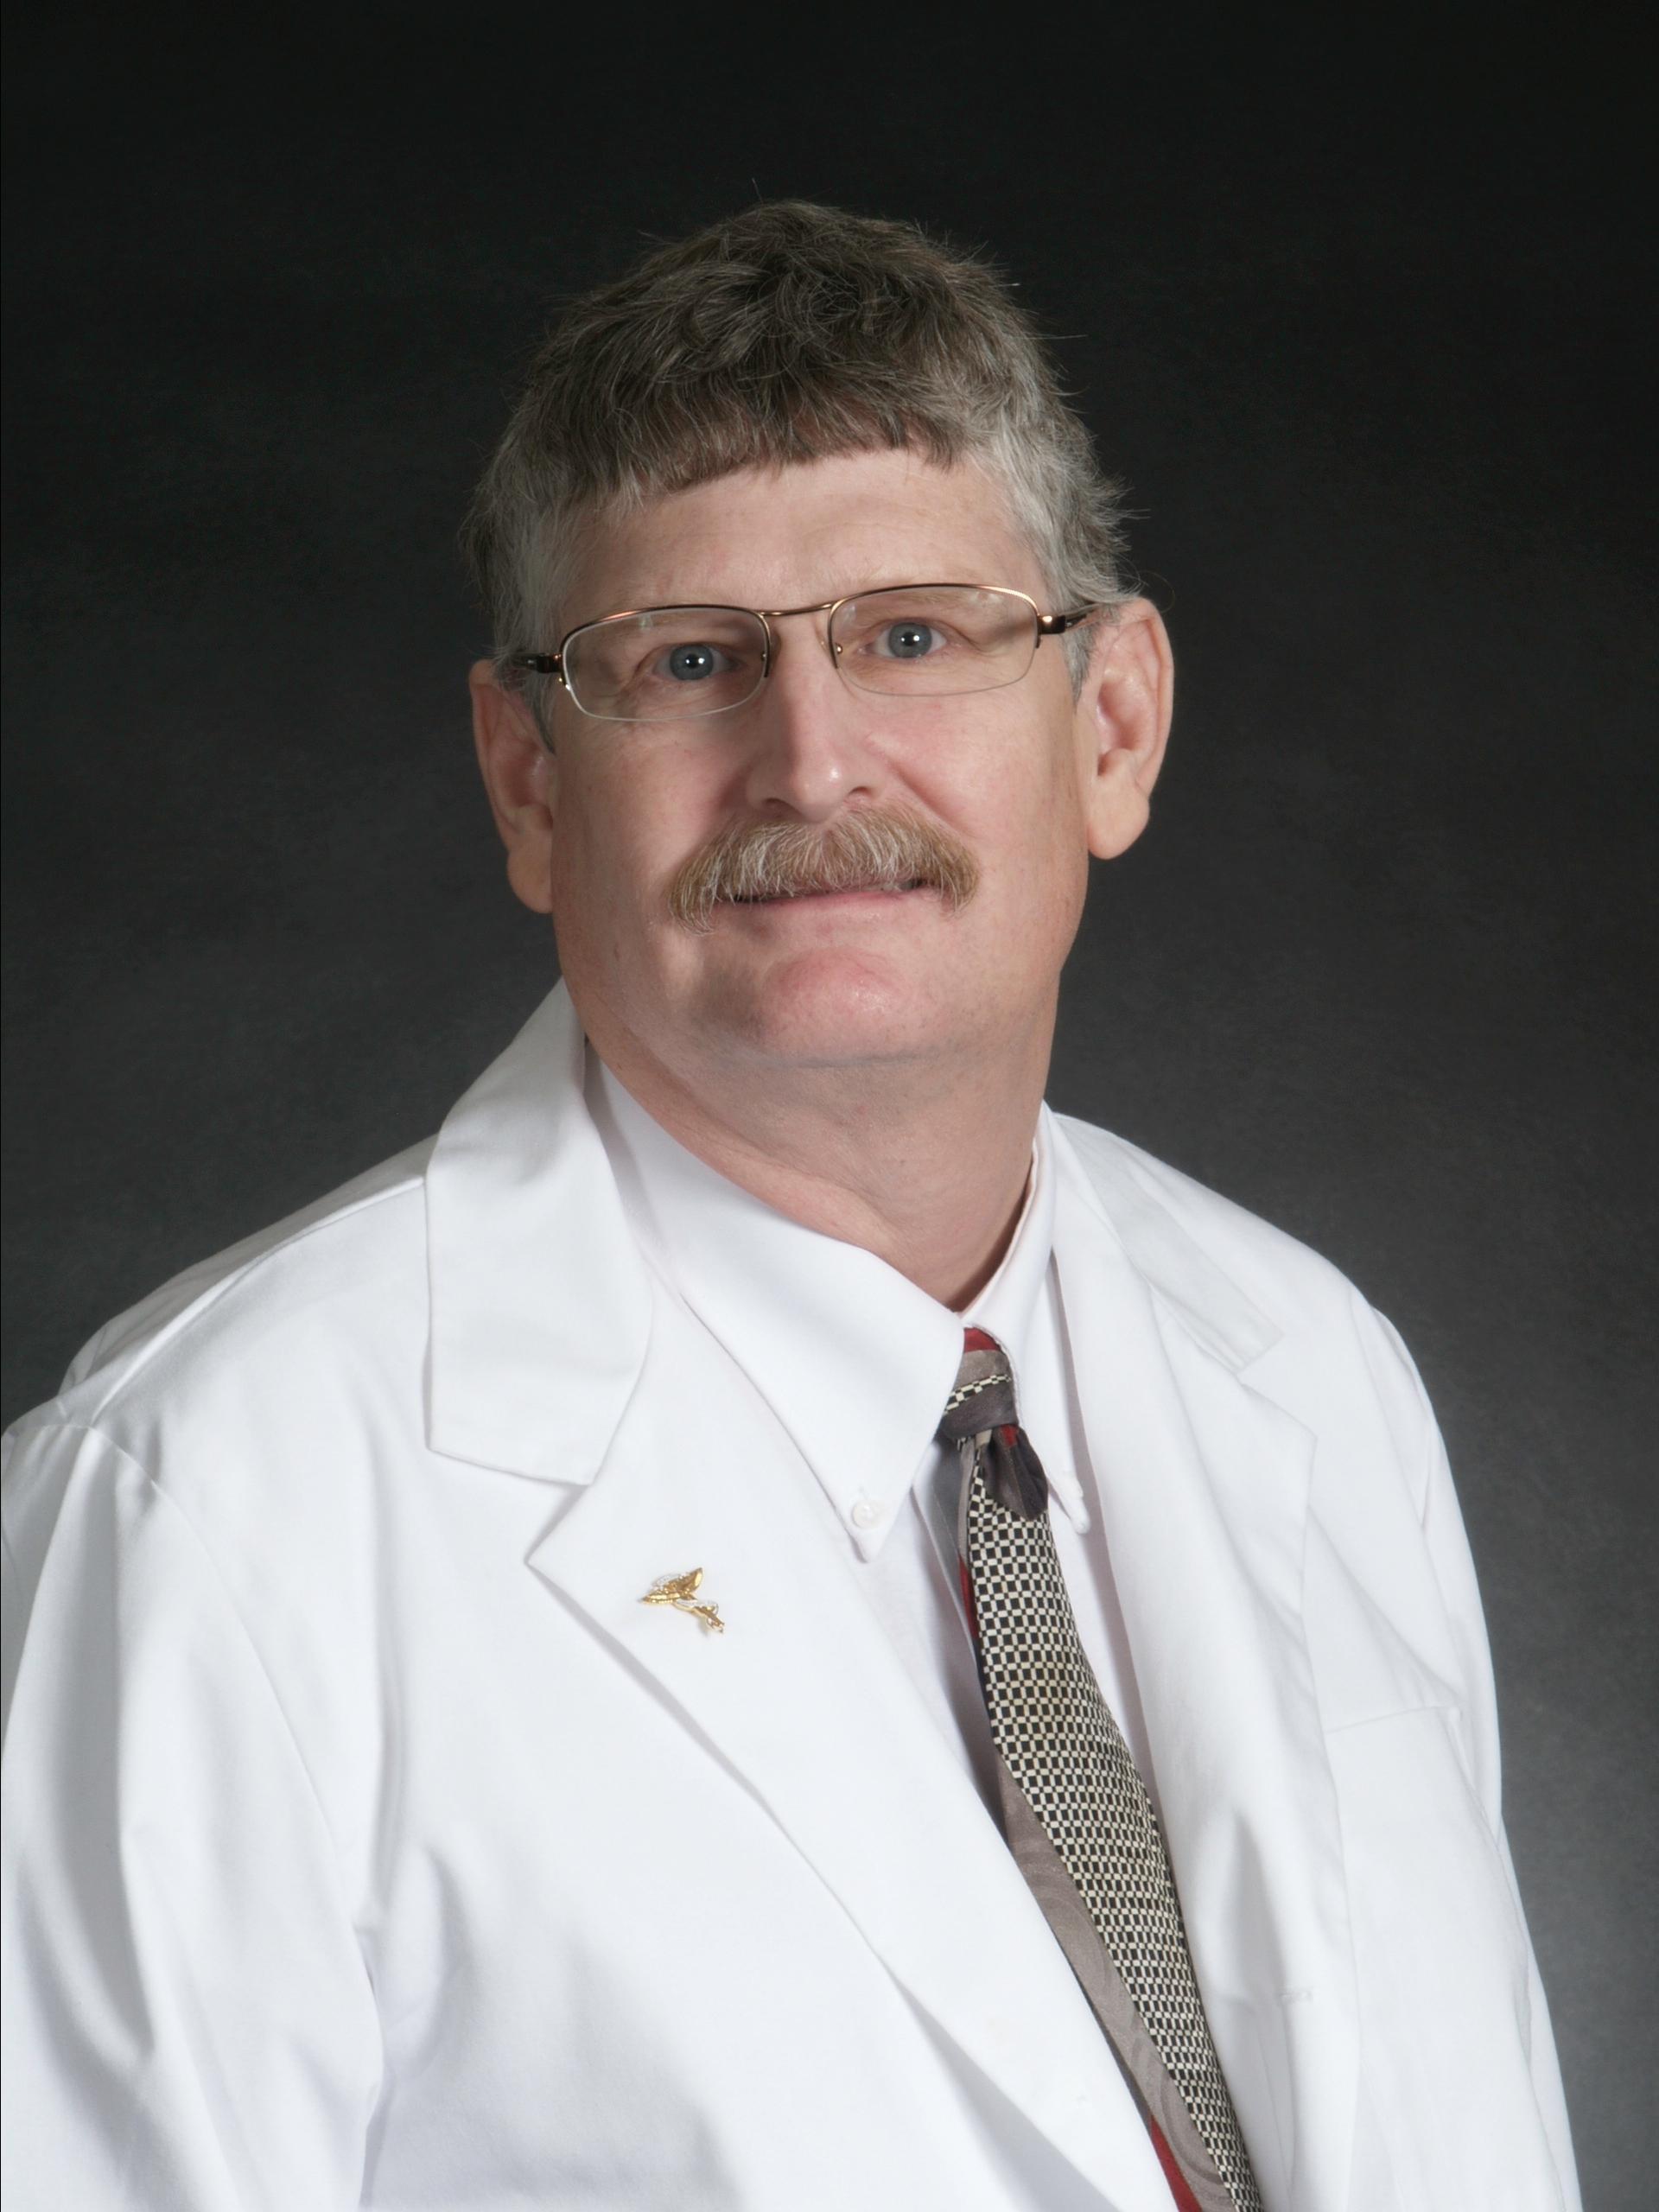 Dr Tim Kopper